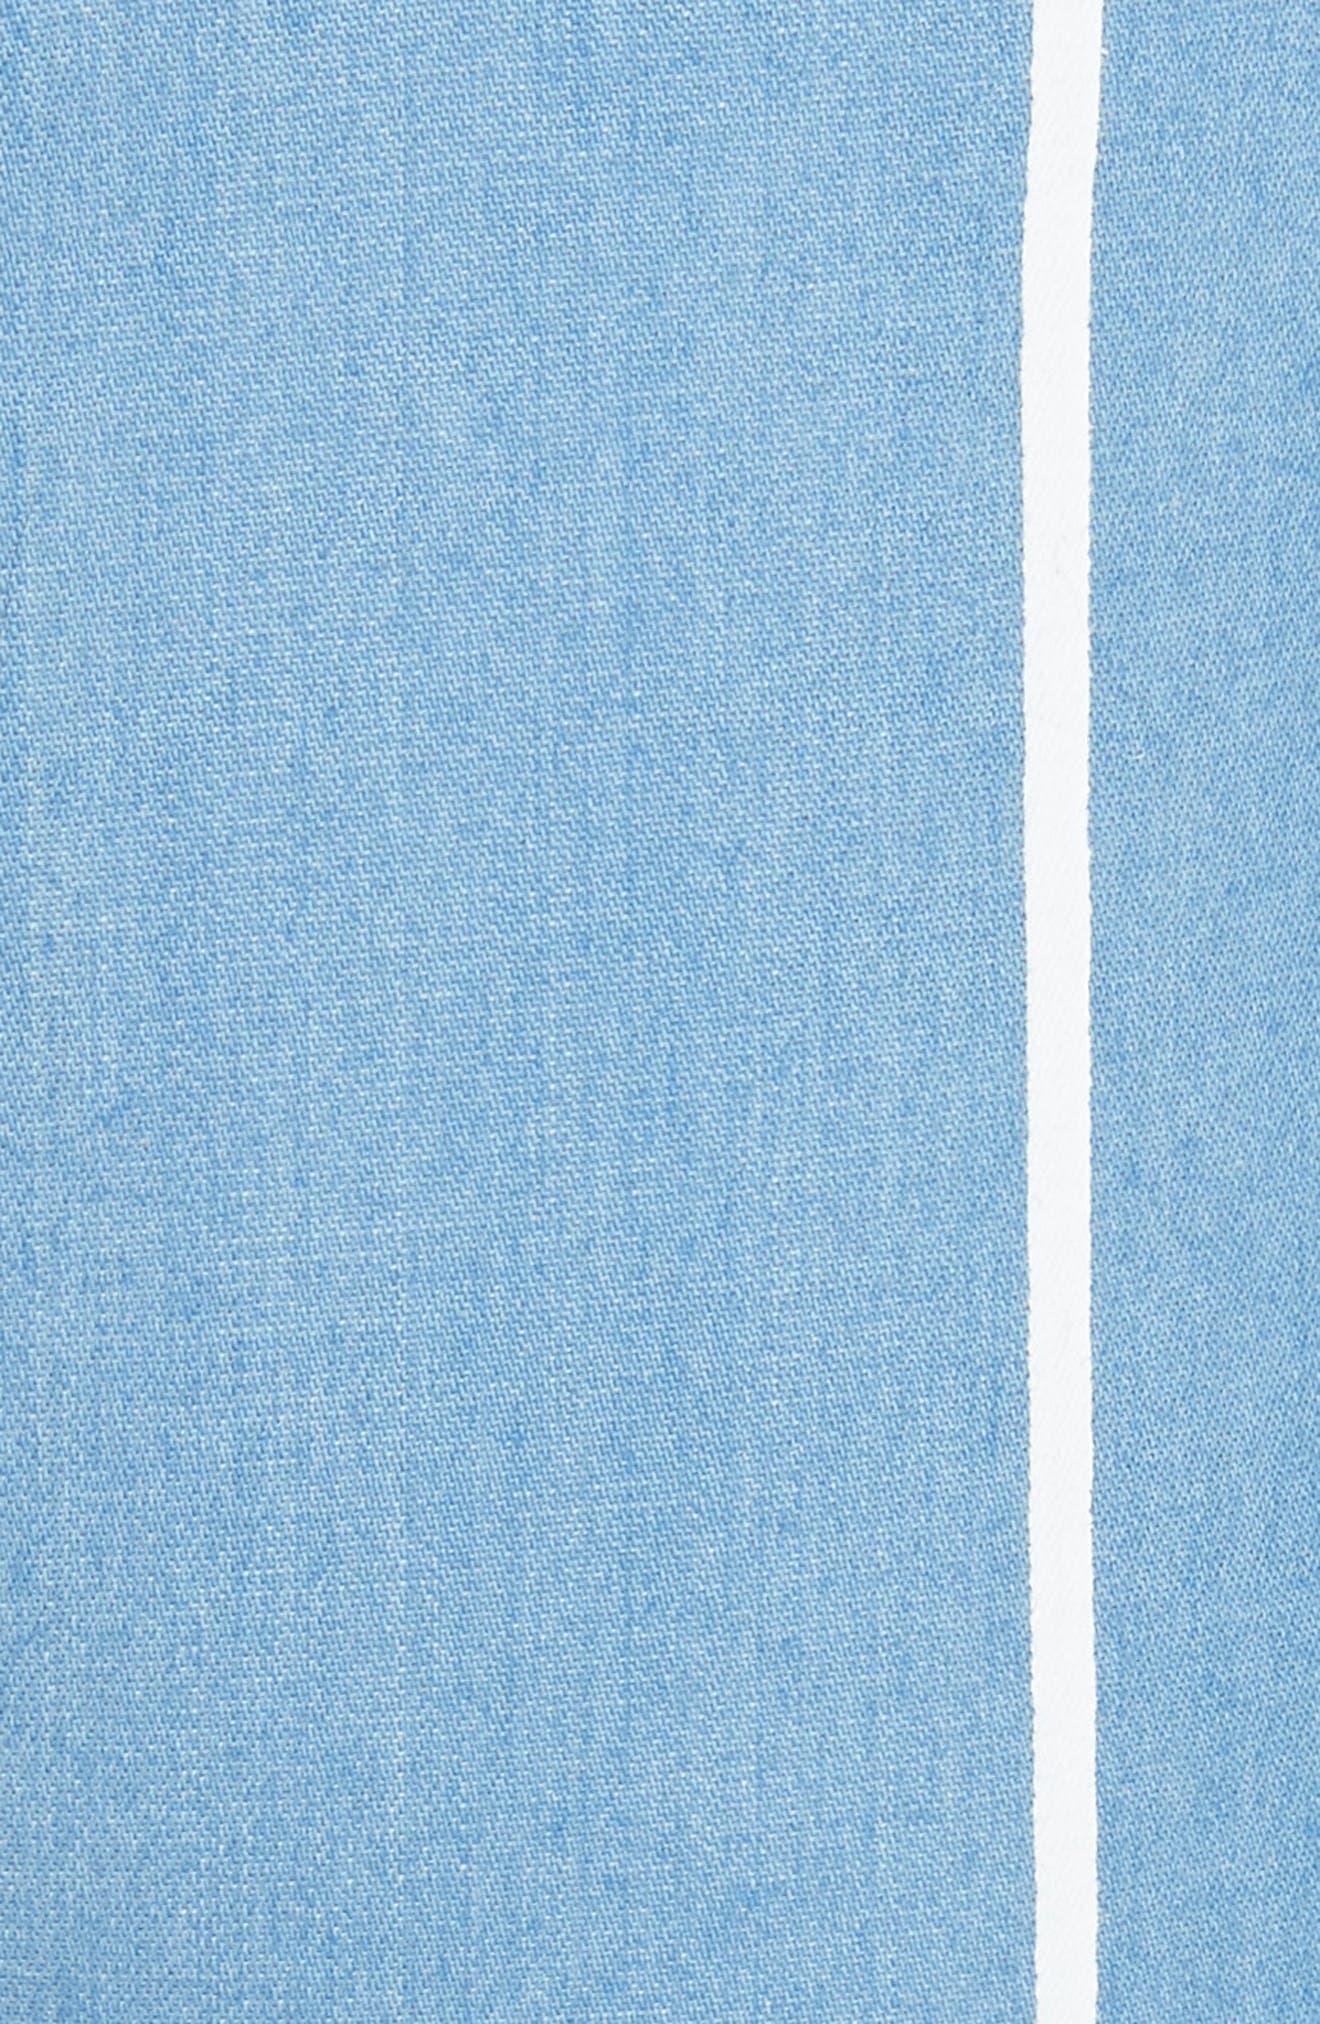 Stripe Slim Shorts,                             Alternate thumbnail 5, color,